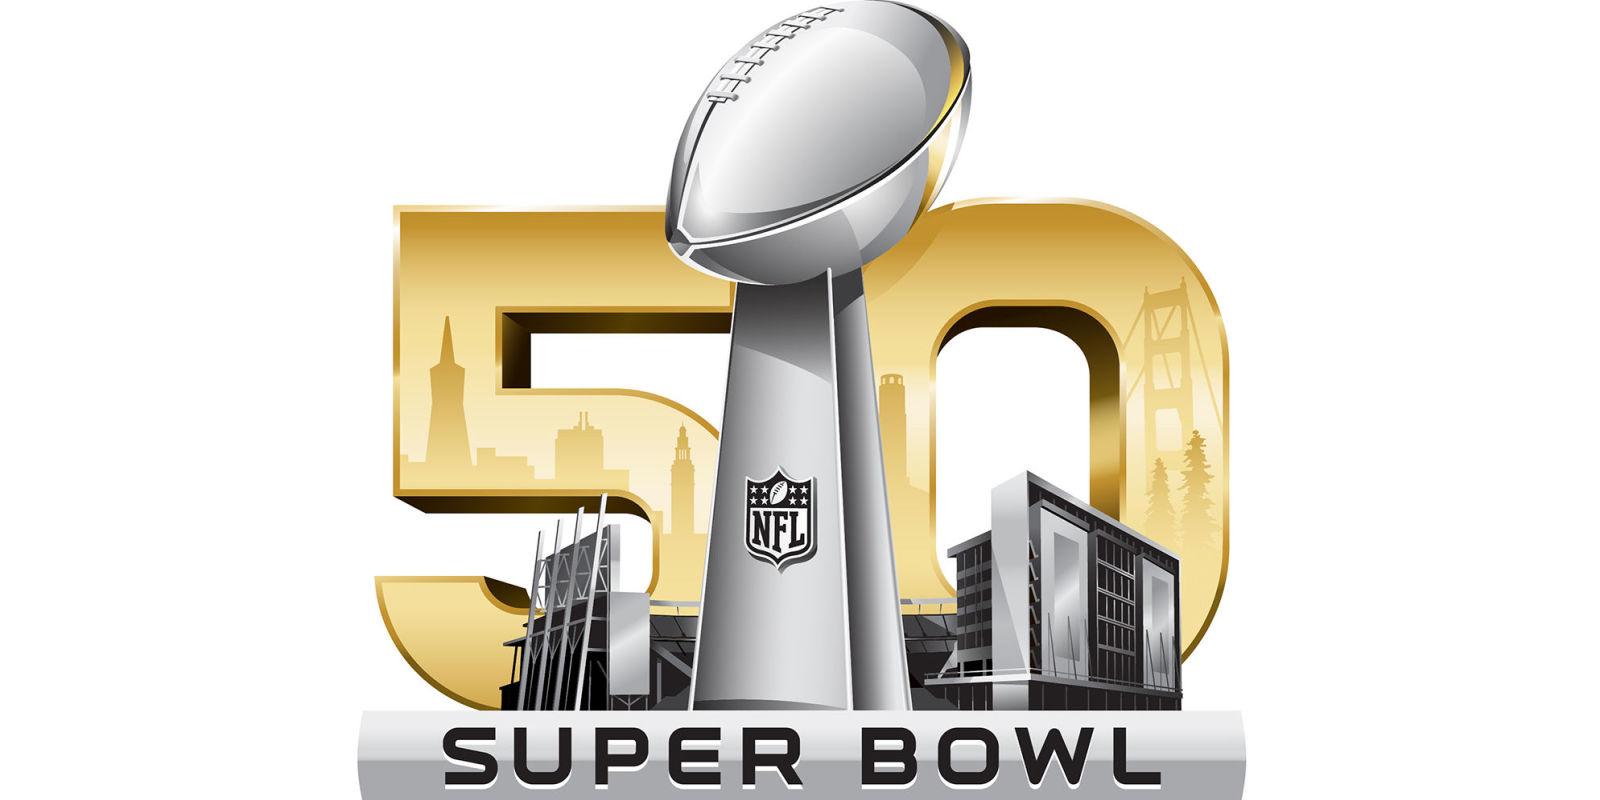 Background image 50 transparent - Jpg 1600x800 Super Bowl 50 Transparent Background